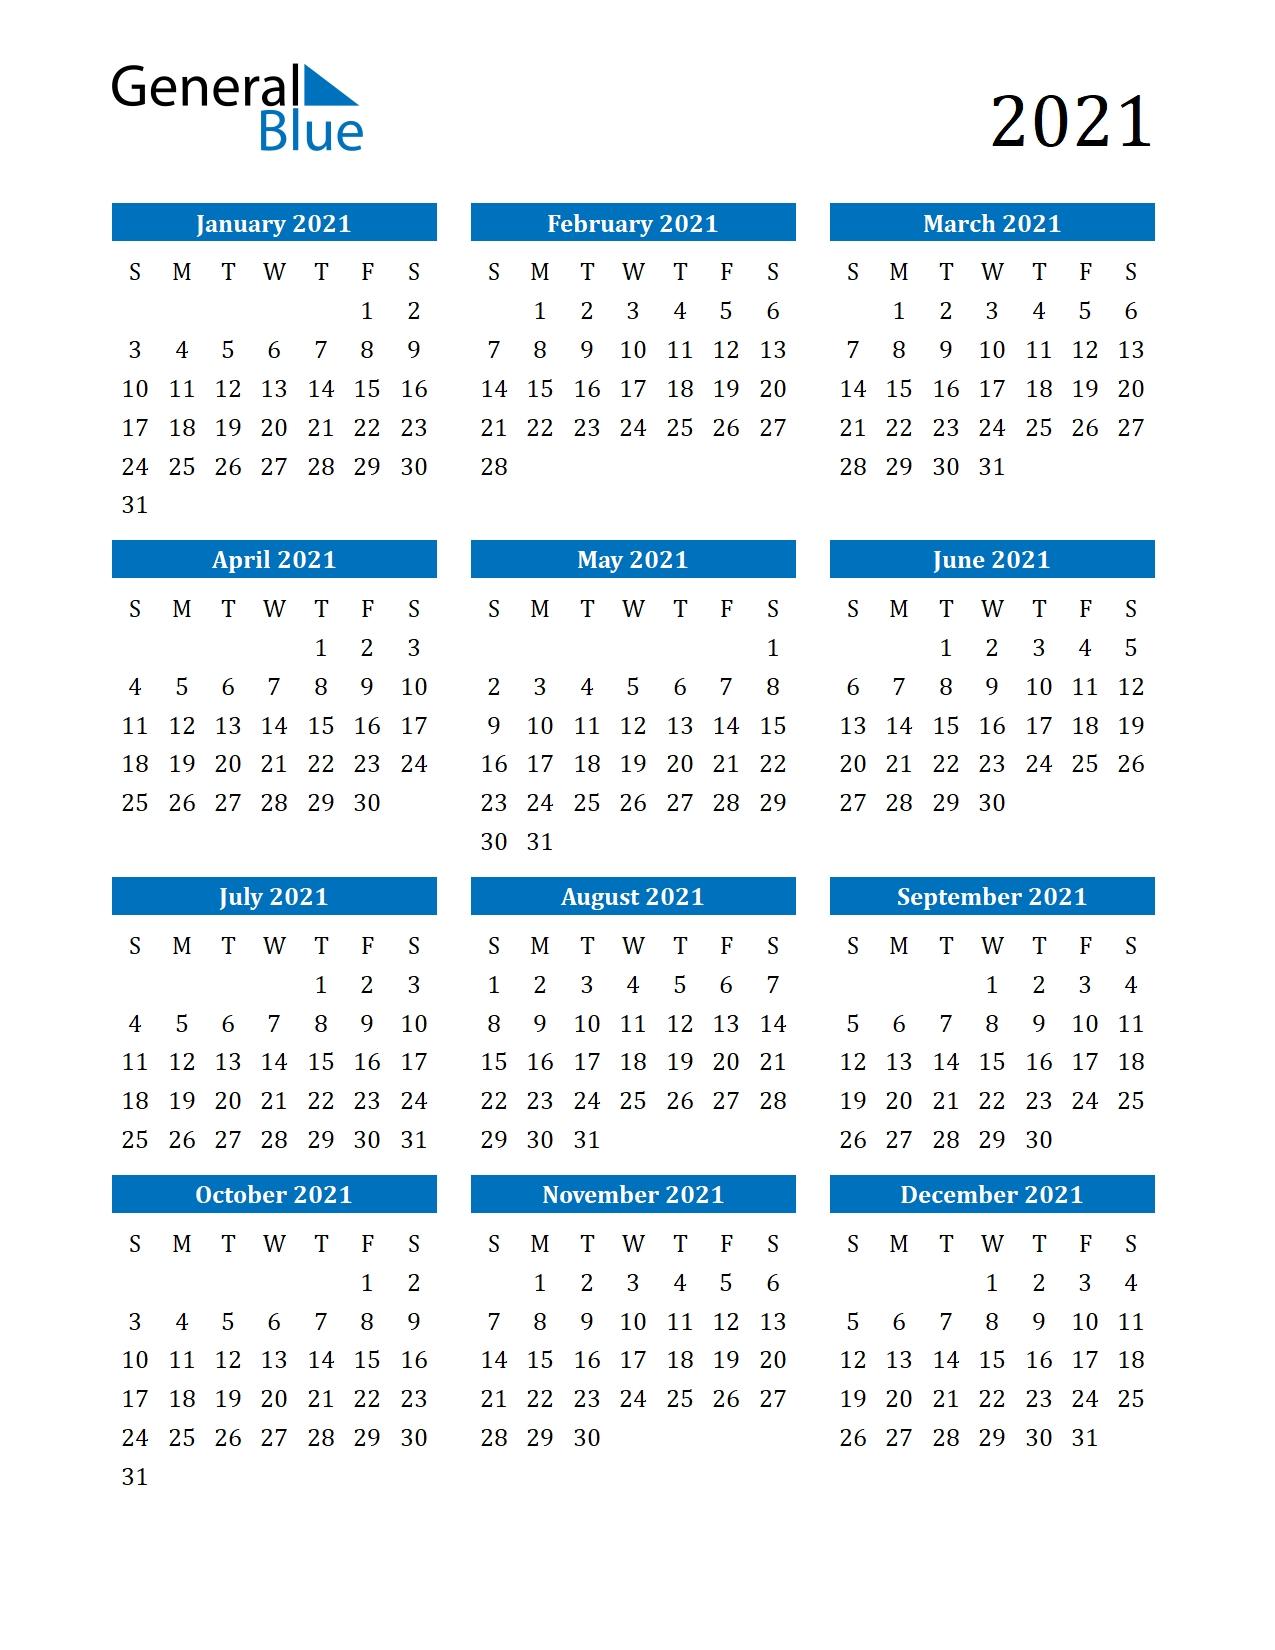 Get 2021 Calendar Of August Through December